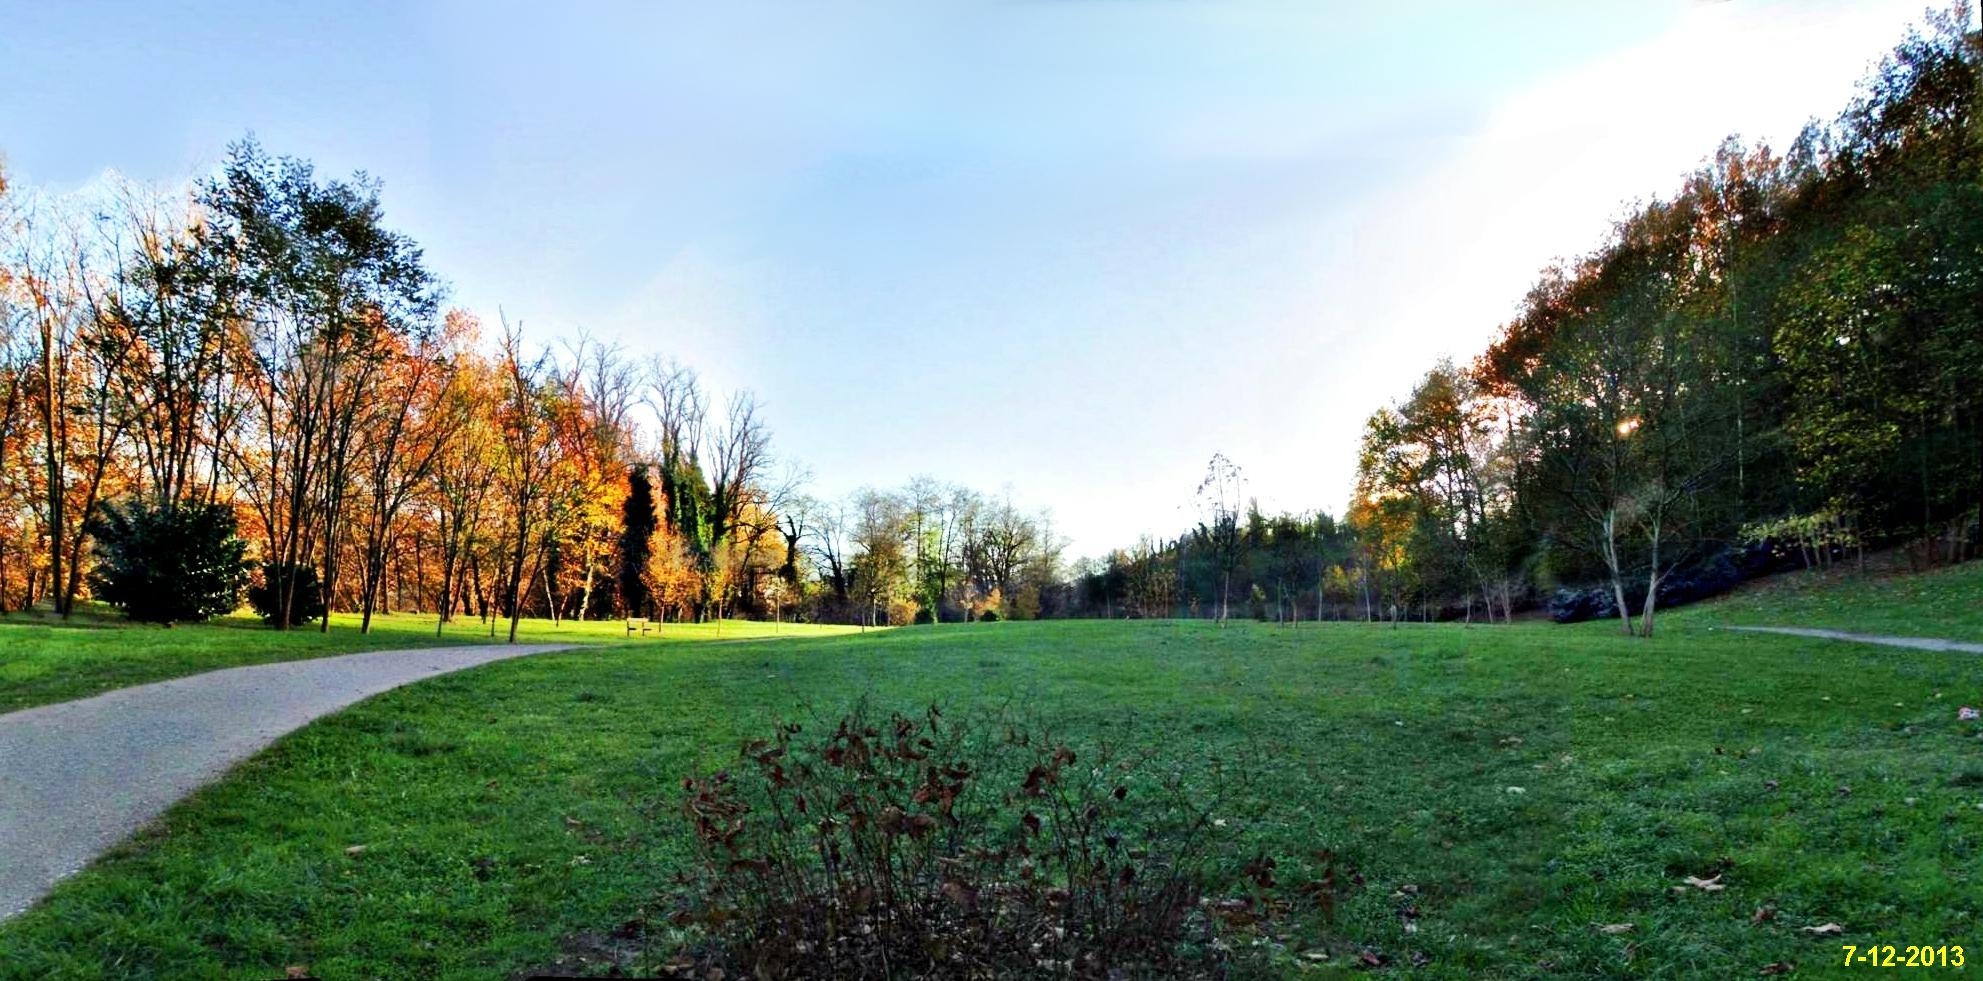 La viesca torrelavega fotos de parques y jardines for Parques y jardines fotos